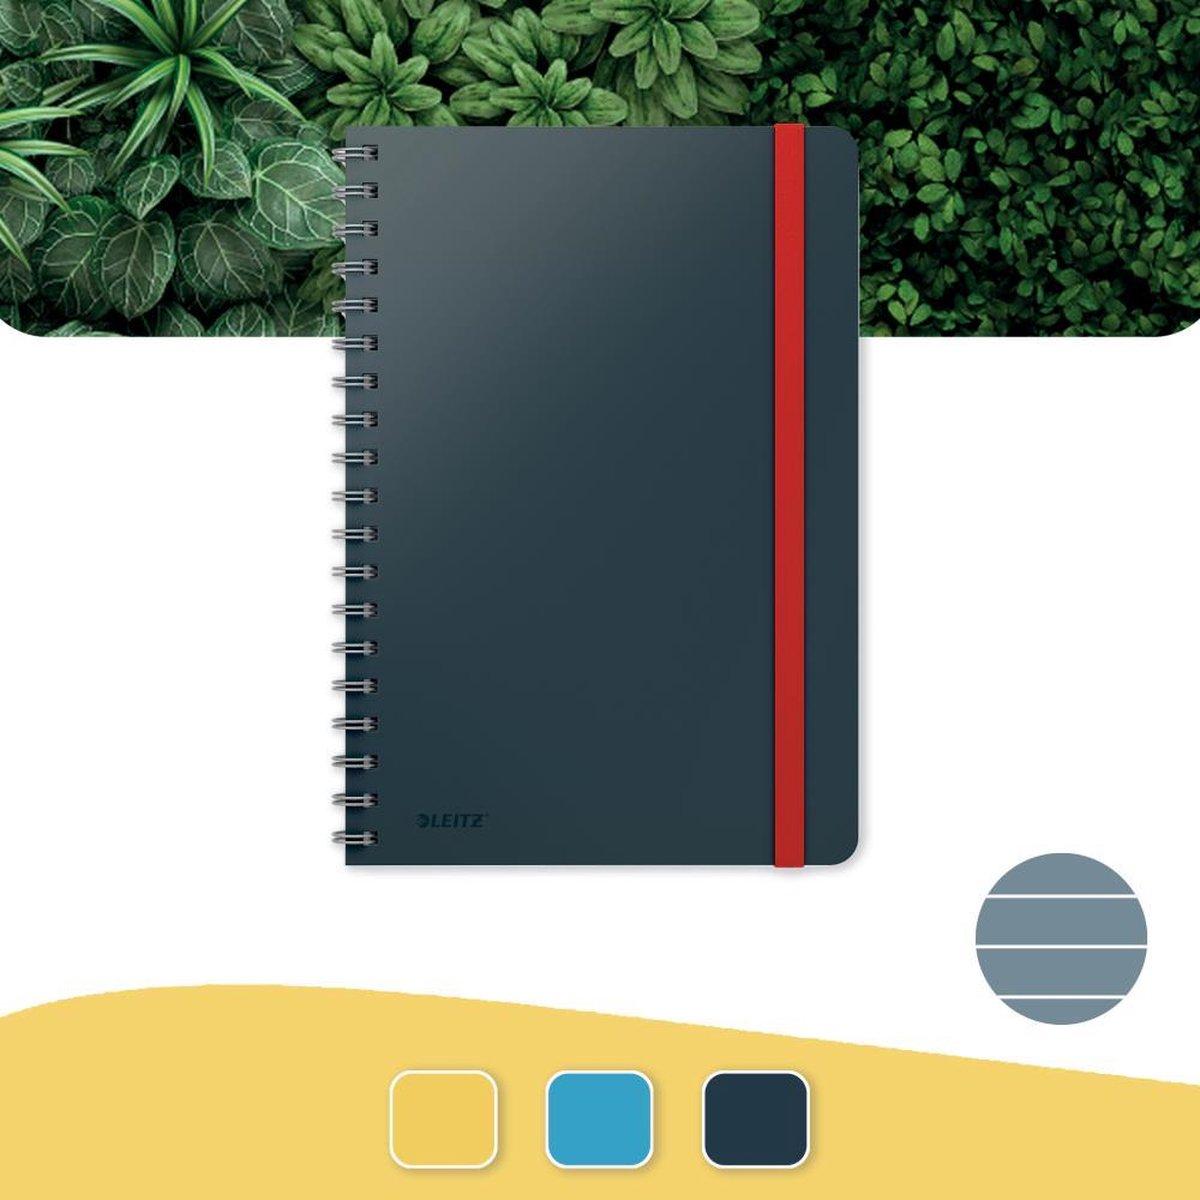 Leitz Cosy Notitieboek B5 Soft Touch Gelijnd - Notitieboek Hard Cover - Spiraalgebonden - Voor Kantoor En Thuiswerken - Fluweel Grijs - Ideaal Voor Thuiskantoor